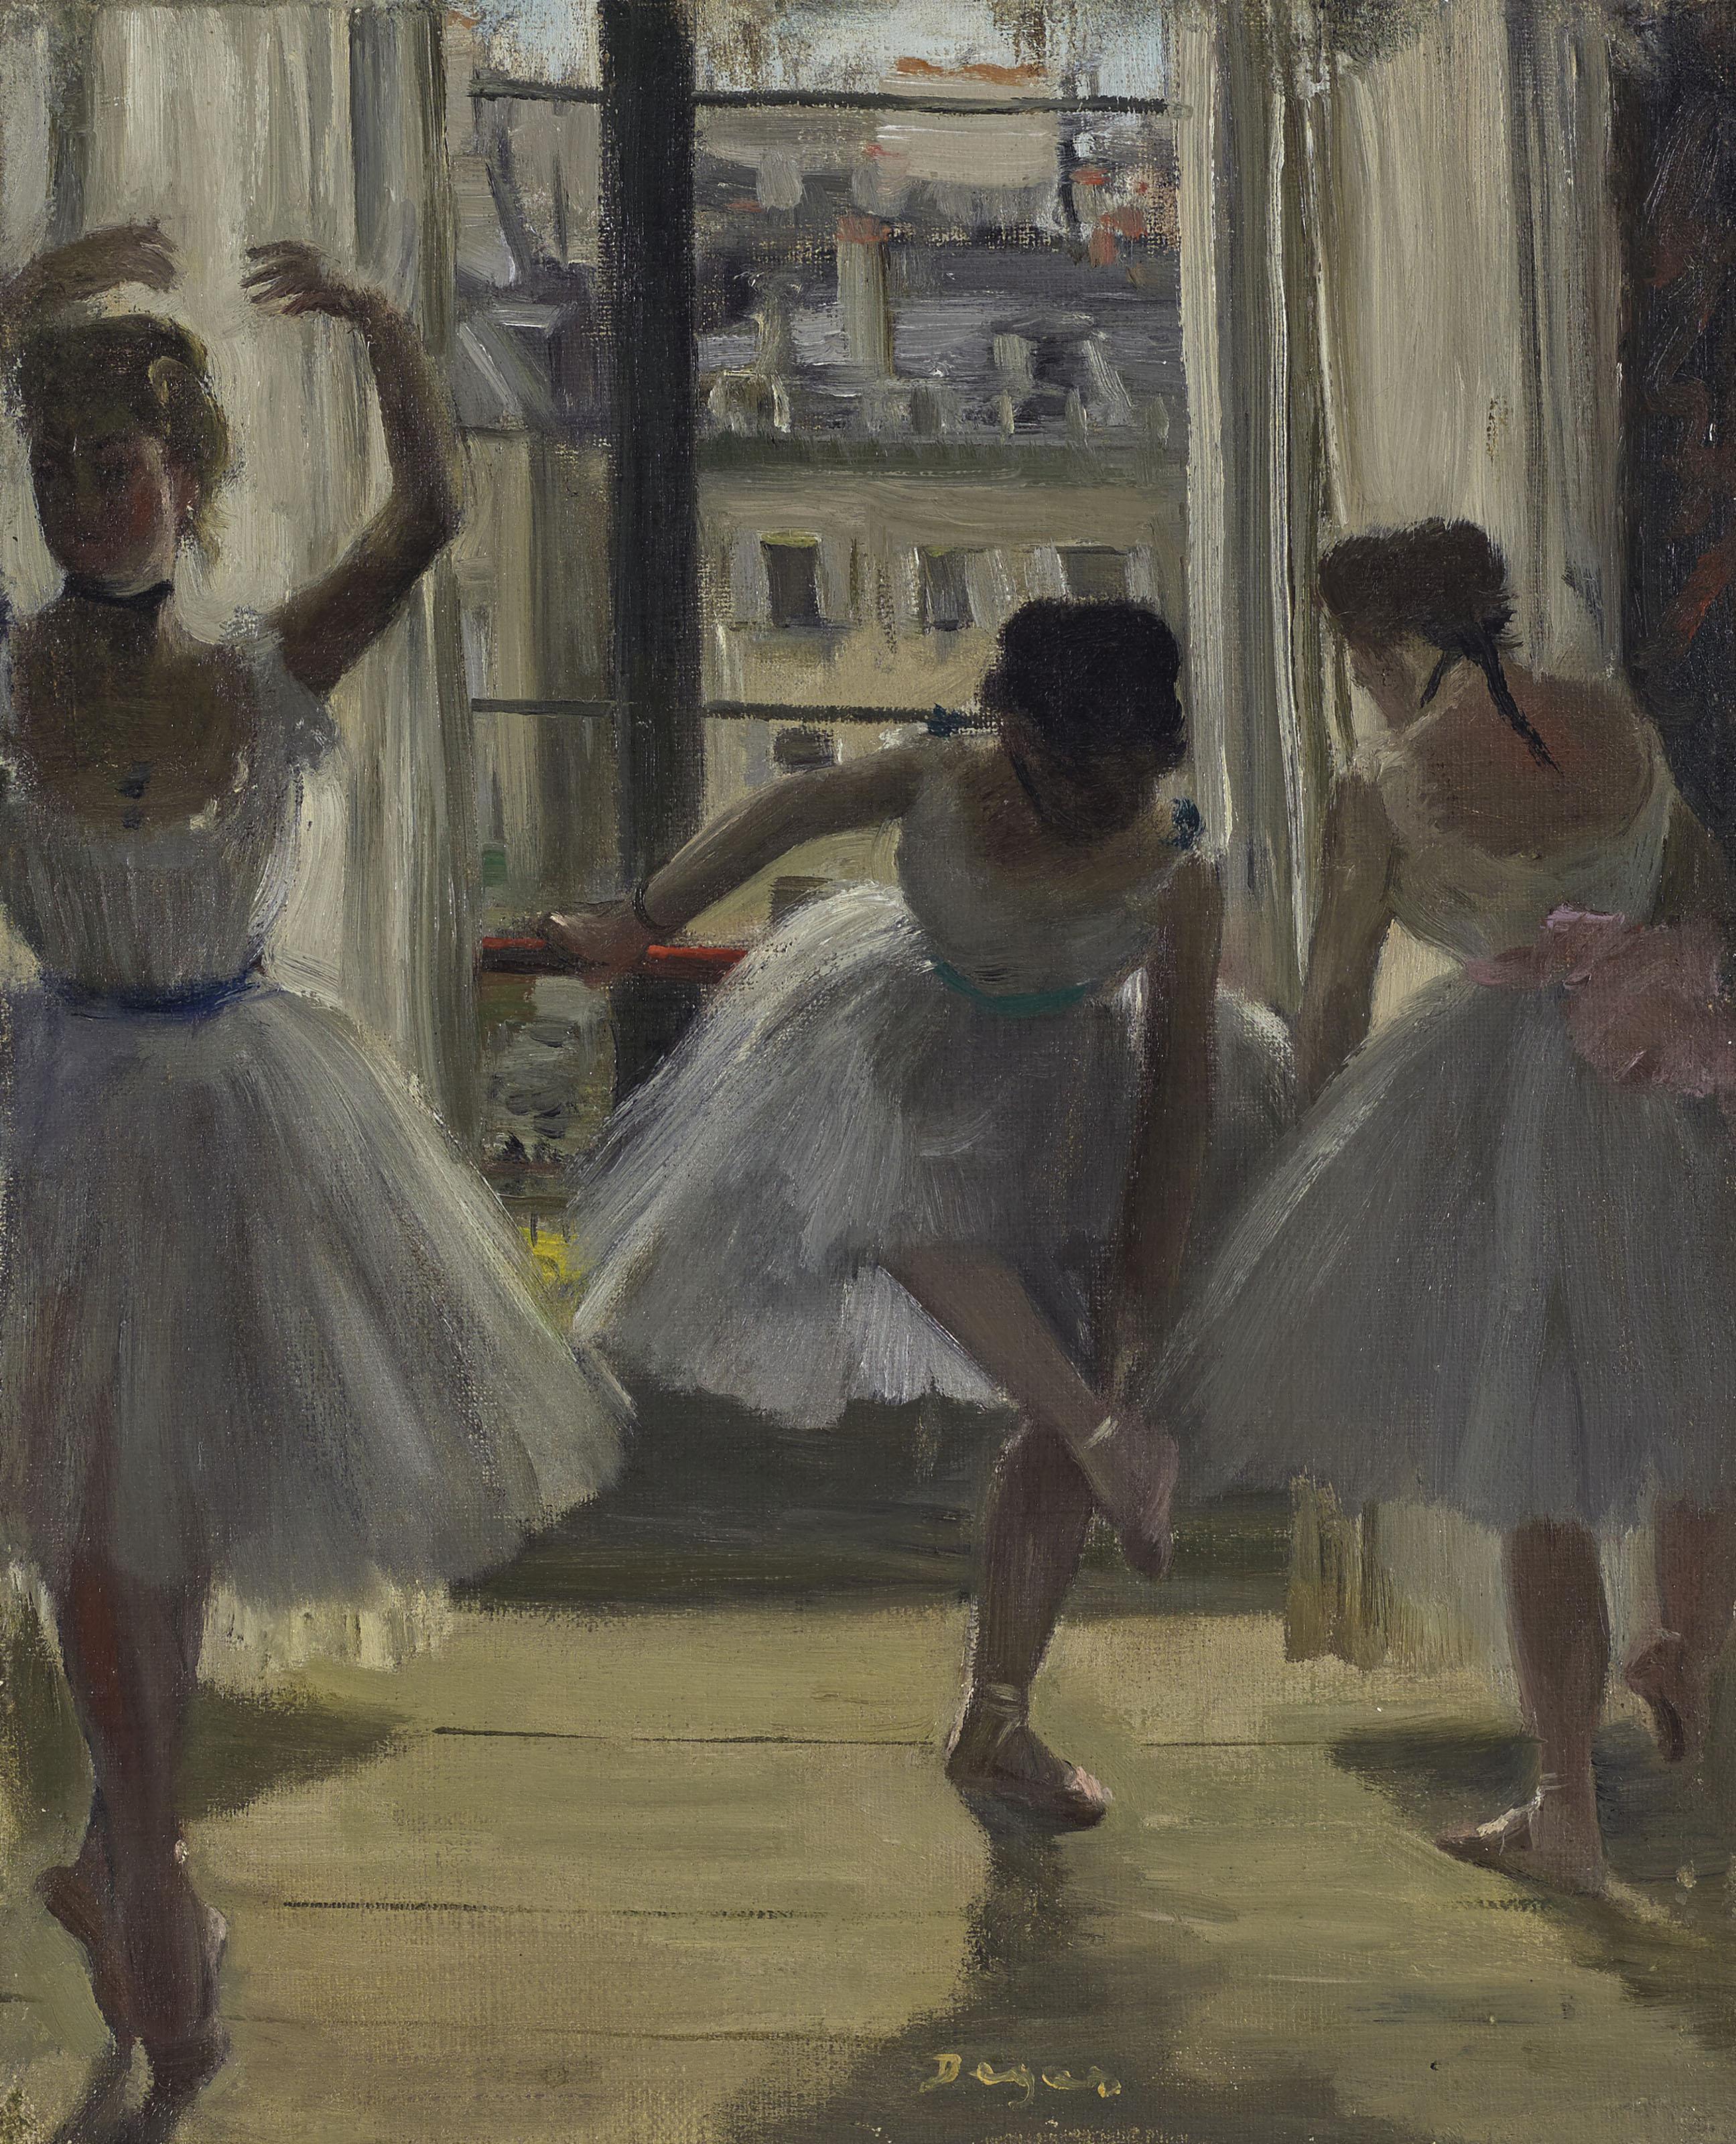 ドガ『3人の踊り子』